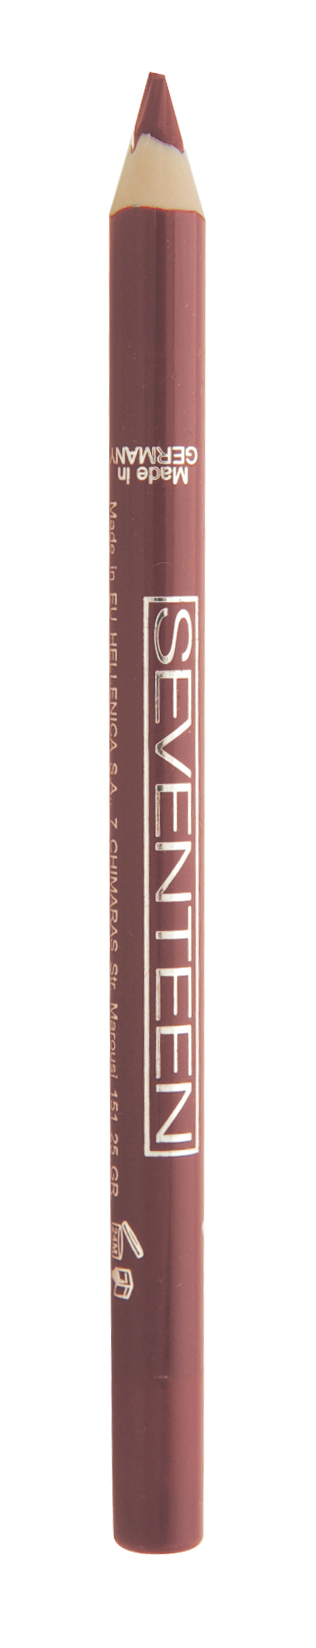 SEVENTEEN Карандаш для губ водостойкий с витамином Е, 02 розовый / Super Smooth W/P Lip Liner 1,2 г косметические карандаши seventeen карандаш для губ водостойкий с витамином е super smooth w p lip liner 32